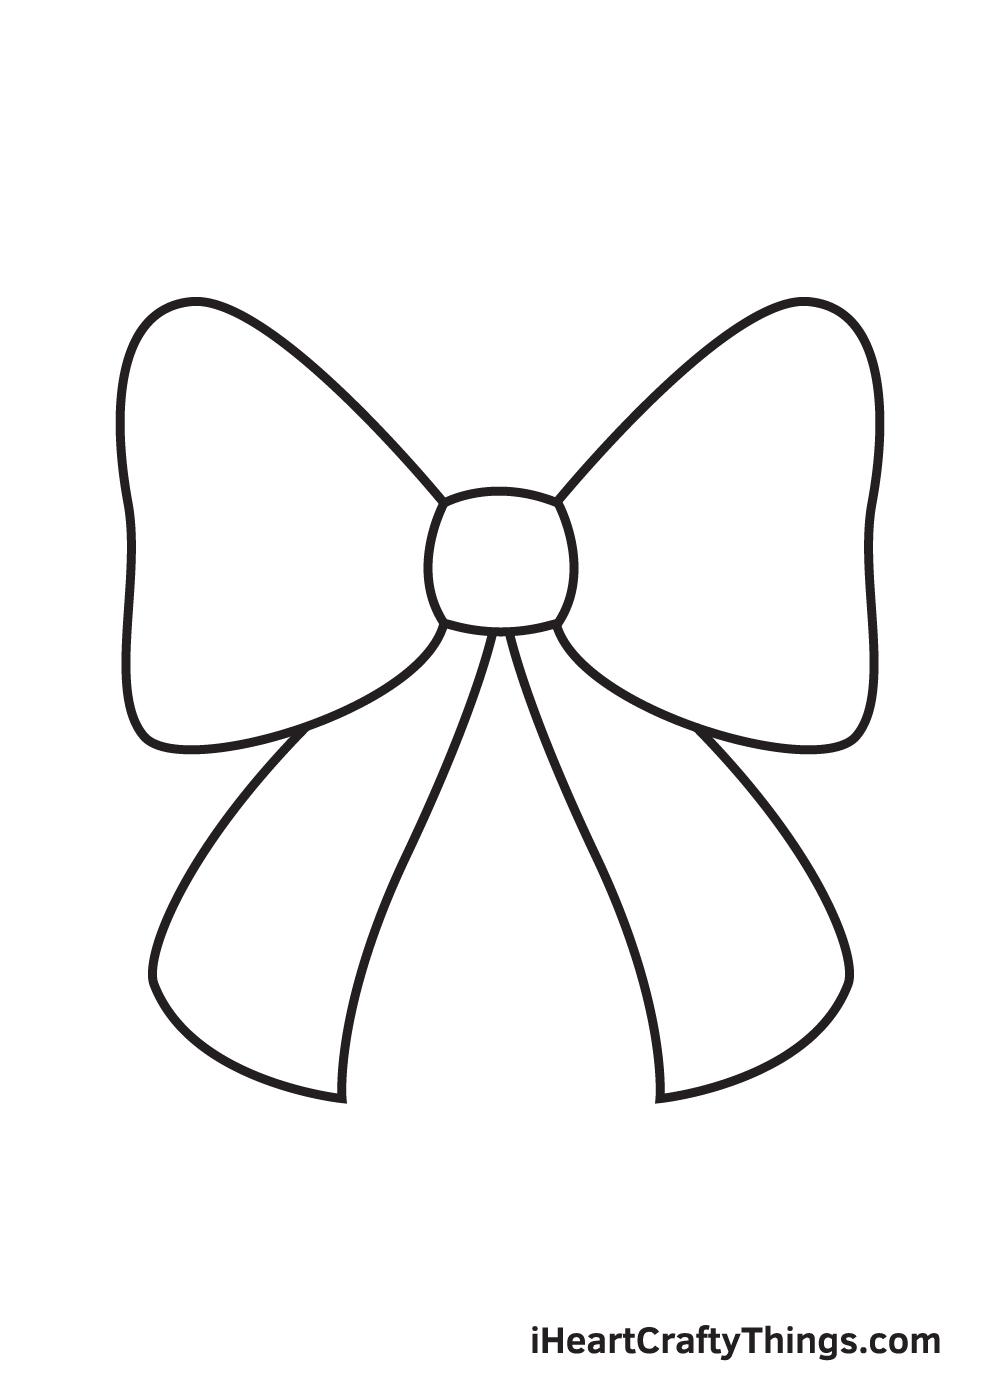 ribbon drawing step 5